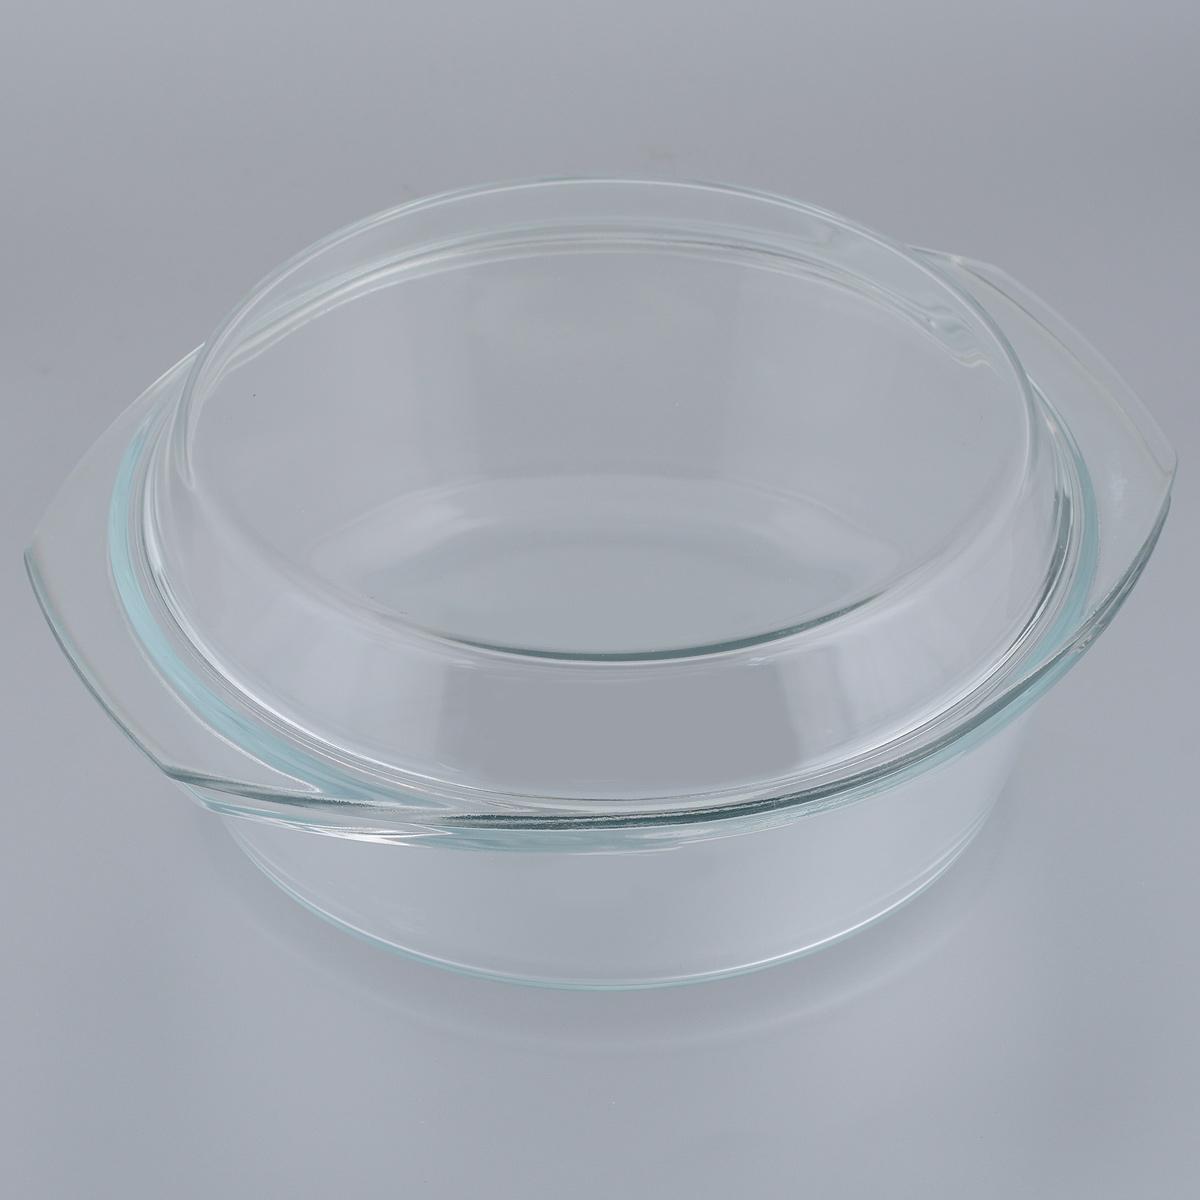 Кастрюля Mijotex с крышкой, 2 лCR3Кастрюля Mijotex изготовлена из экологически чистого жаропрочного стекла и оснащена крышкой, которую также можно использовать как отдельную емкость. Стекло - самый безопасный для здоровья материал. Посуда из стекла не вступает в реакцию с готовящейся пищей, а потому не выделяет никаких вредных веществ, не подвергается воздействию кислот и солей. Из-за невысокой теплопроводности пища в стеклянной посуде гораздо медленнее остывает. Стеклянная посуда очень удобна для приготовления, разогрева и хранения самых разнообразных блюд: супов, вторых блюд, десертов. Используя такую кастрюлю, вы можете не только приготовить в ней пищу, но и подать ее к столу, не меняя посуды. Благодаря гладкой идеально ровной поверхности посуда легко моется. Допускается нагрев посуды до 400°С.Можно использовать в микроволновой печи, духовом шкафу, на газовых конфорках и электроплитах. Можно использовать для хранения в холодильнике и морозильной камере. Можно мыть в посудомоечной машине. Высота стенок кастрюли: 7 см. Высота кастрюли (с учетом крышки): 10,5 см. Ширина кастрюли (с учетом ручек): 26 см. Толщина стенок: 6 мм.Толщина дна: 6 мм.